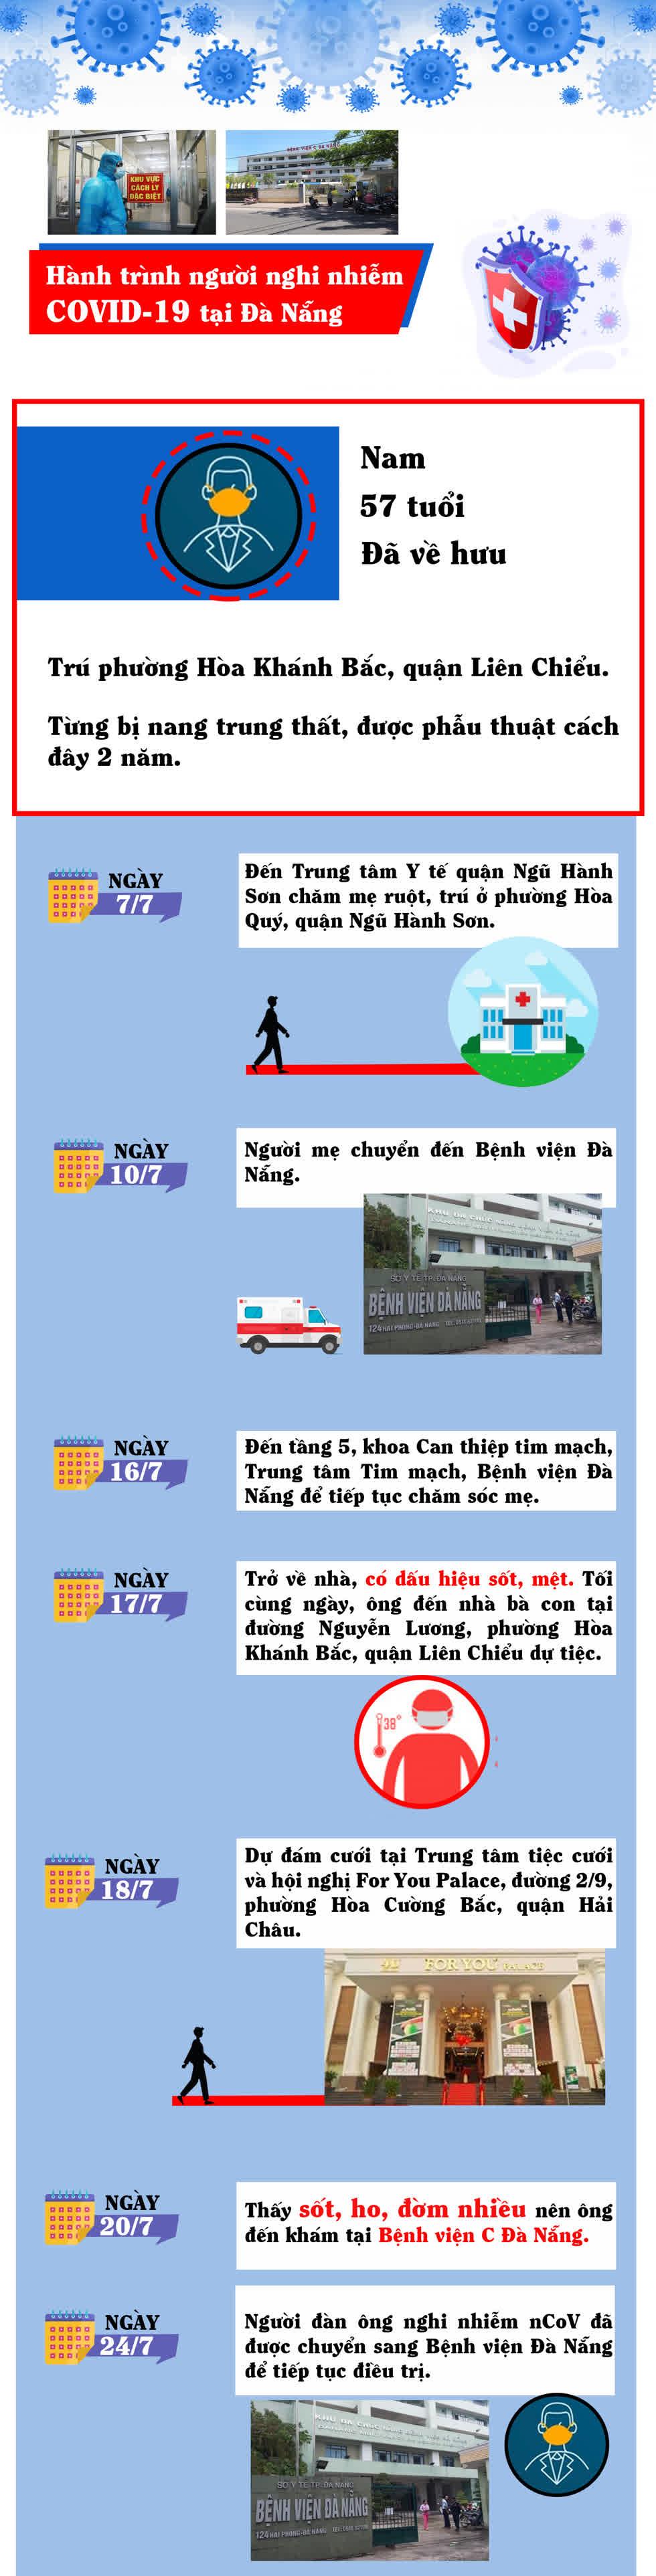 Lịch sử di chuyển của người nghi dương tính với COVID-19 ở Đà Nẵng